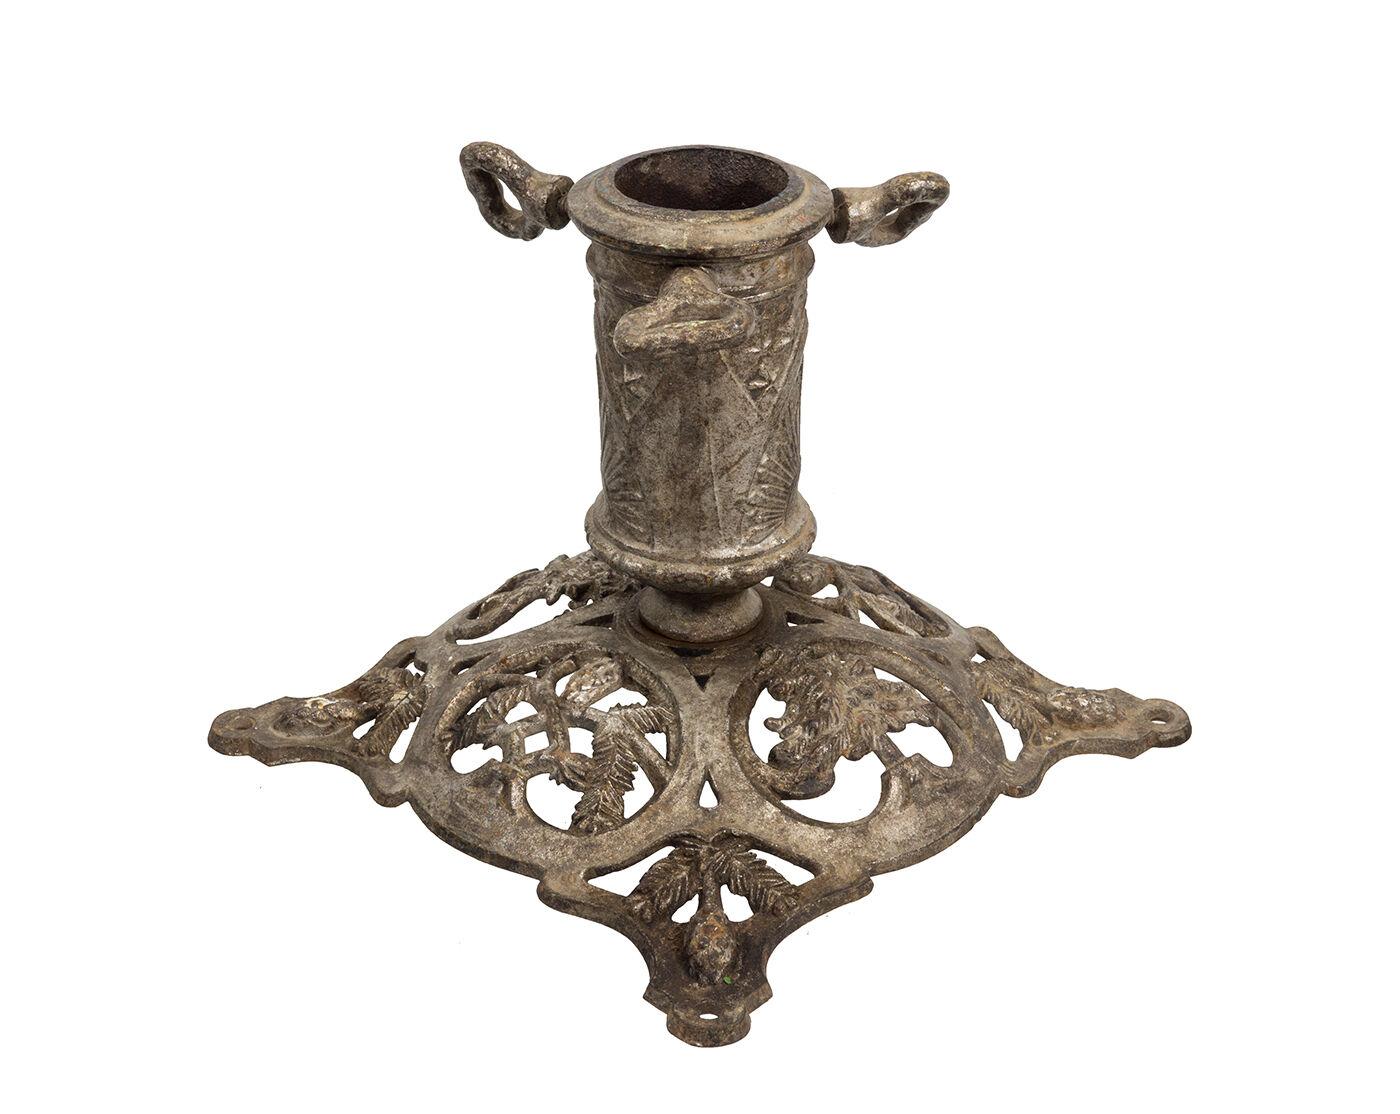 Drehbarer alter Tannenbaum-Ständer, Christbaumständer aus Metall, ca. um 1900   | Ermäßigung  | Gemäßigten Kosten